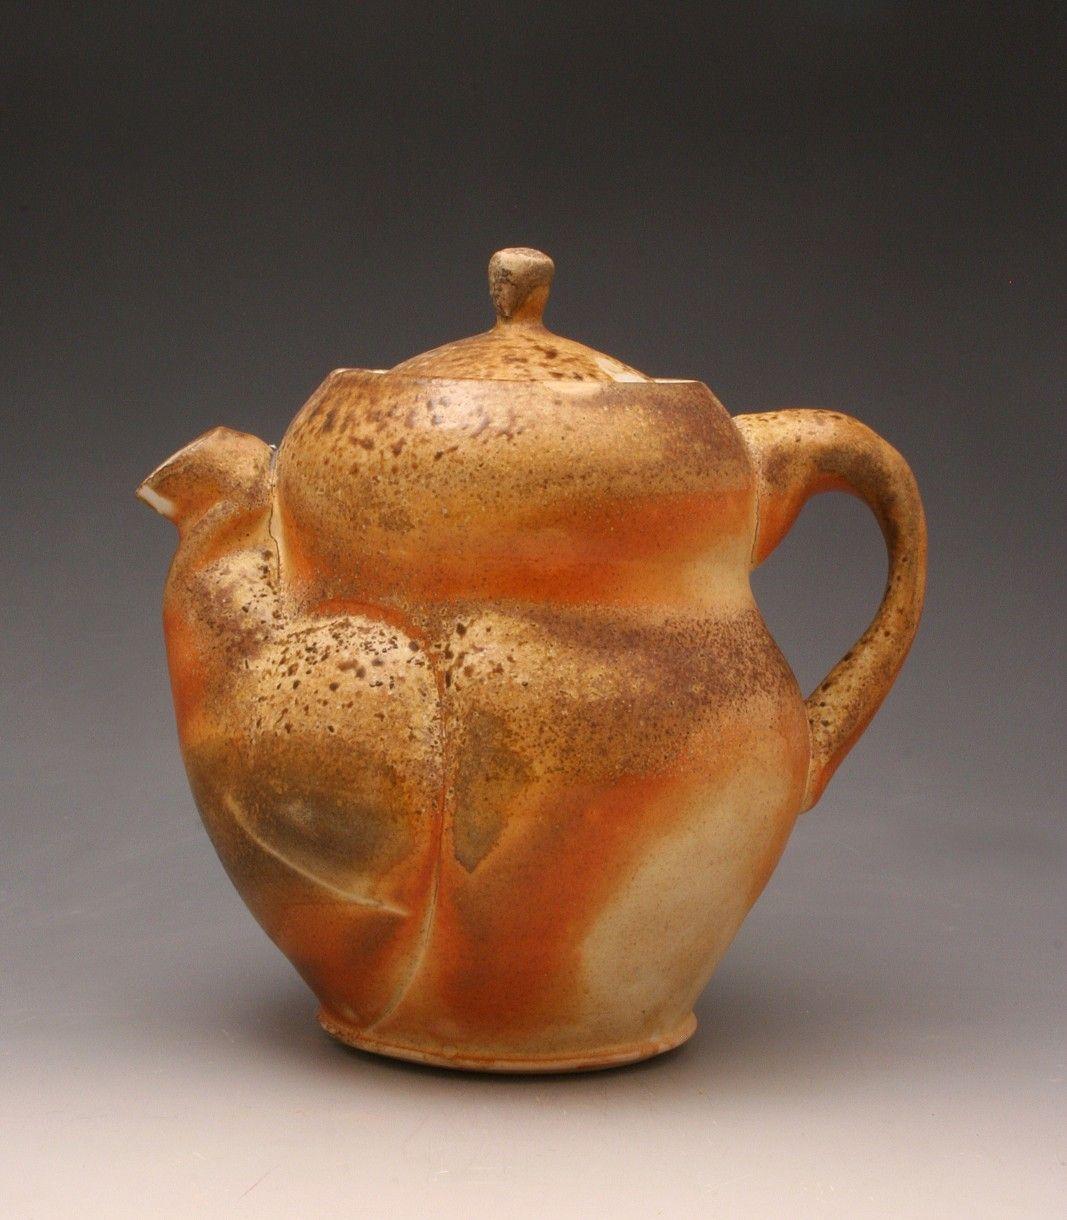 Hannah meredith tea pots ceramic teapots coffee pot